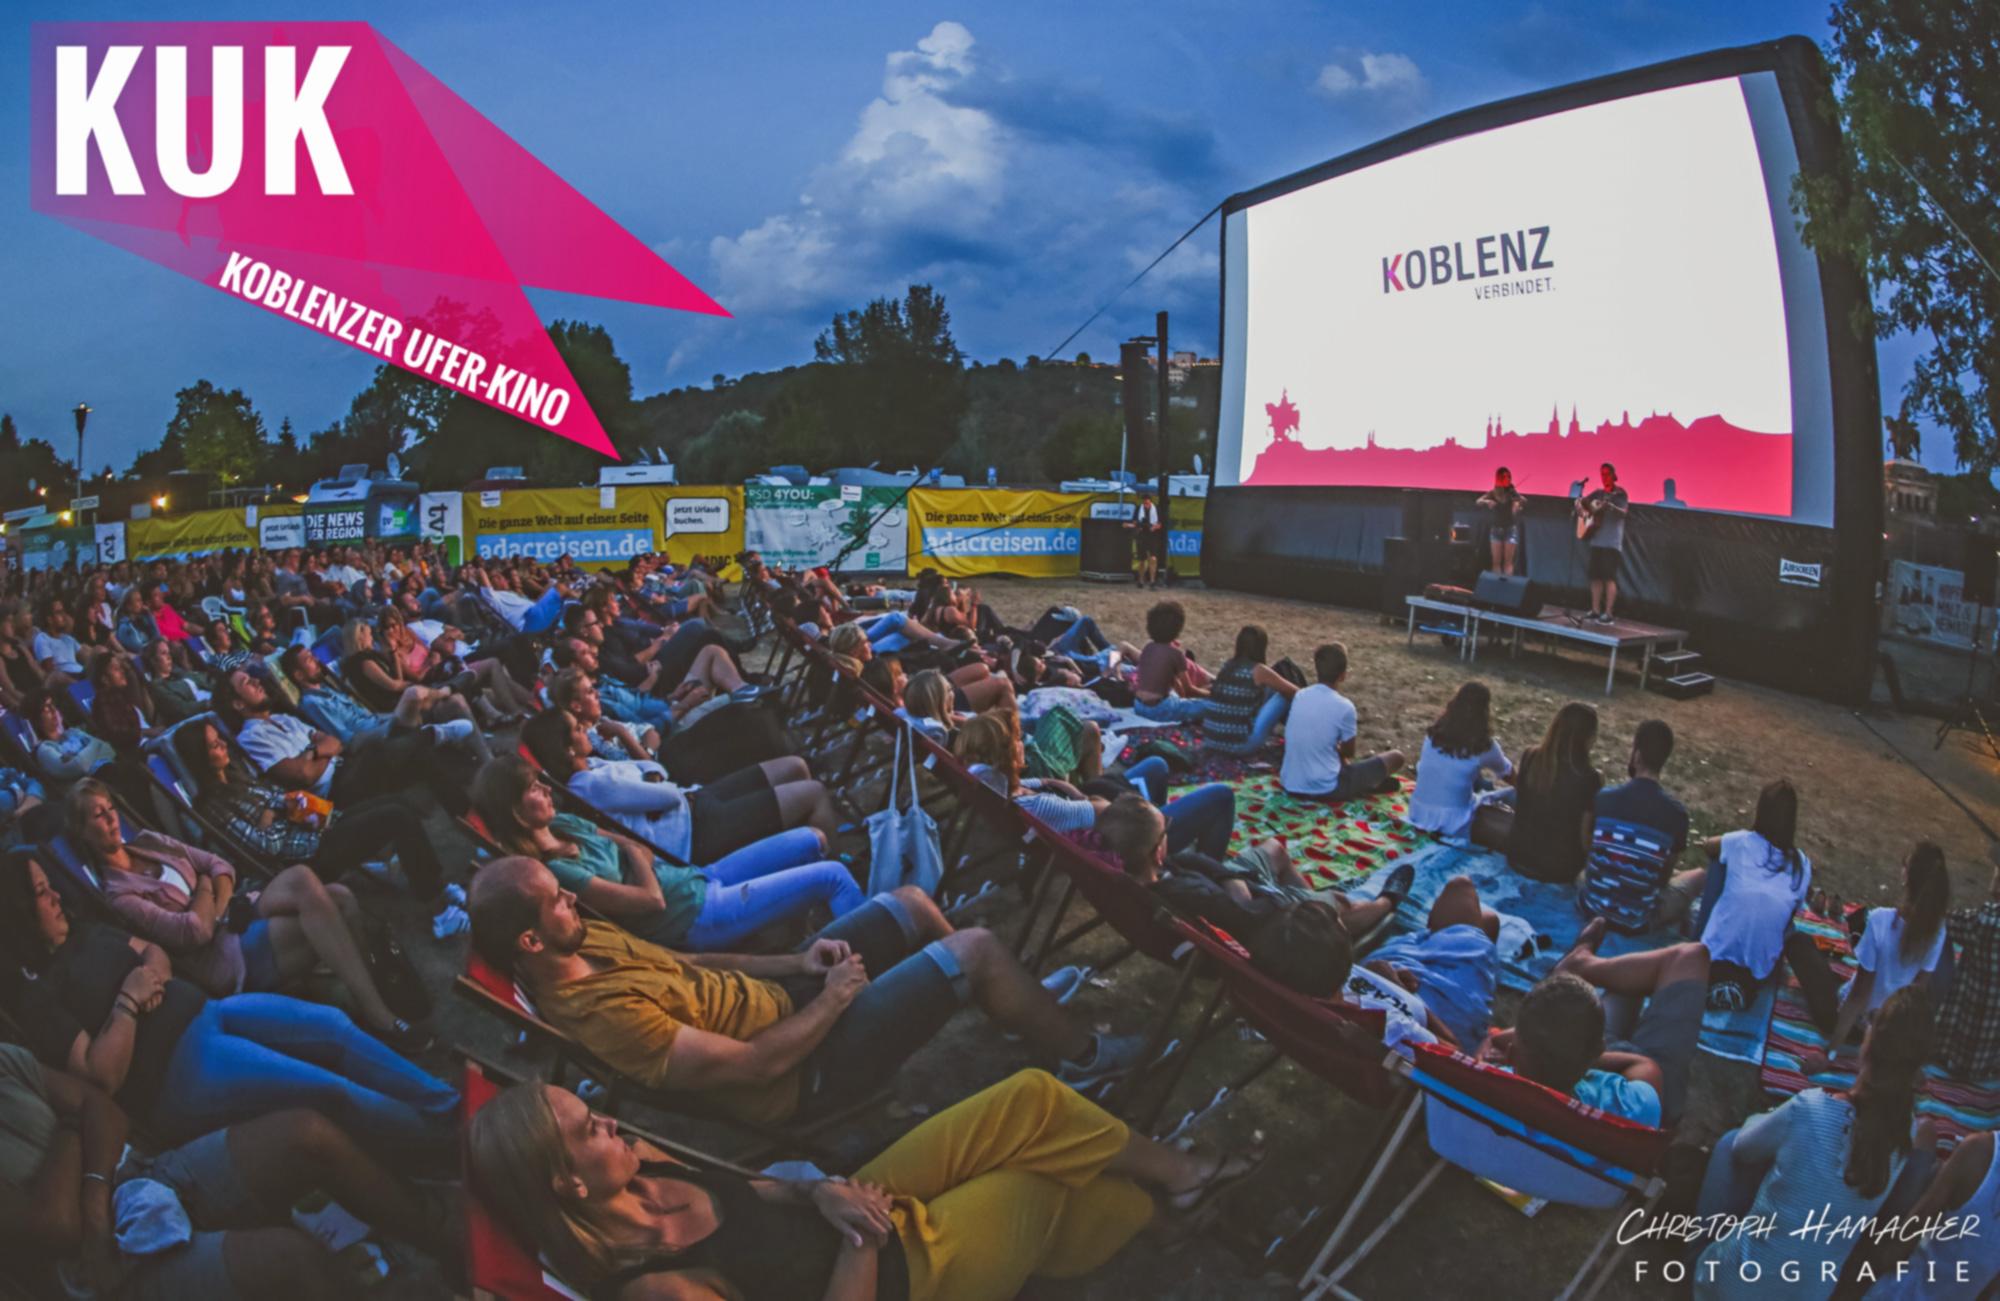 Das Koblenzer Ufer Kino